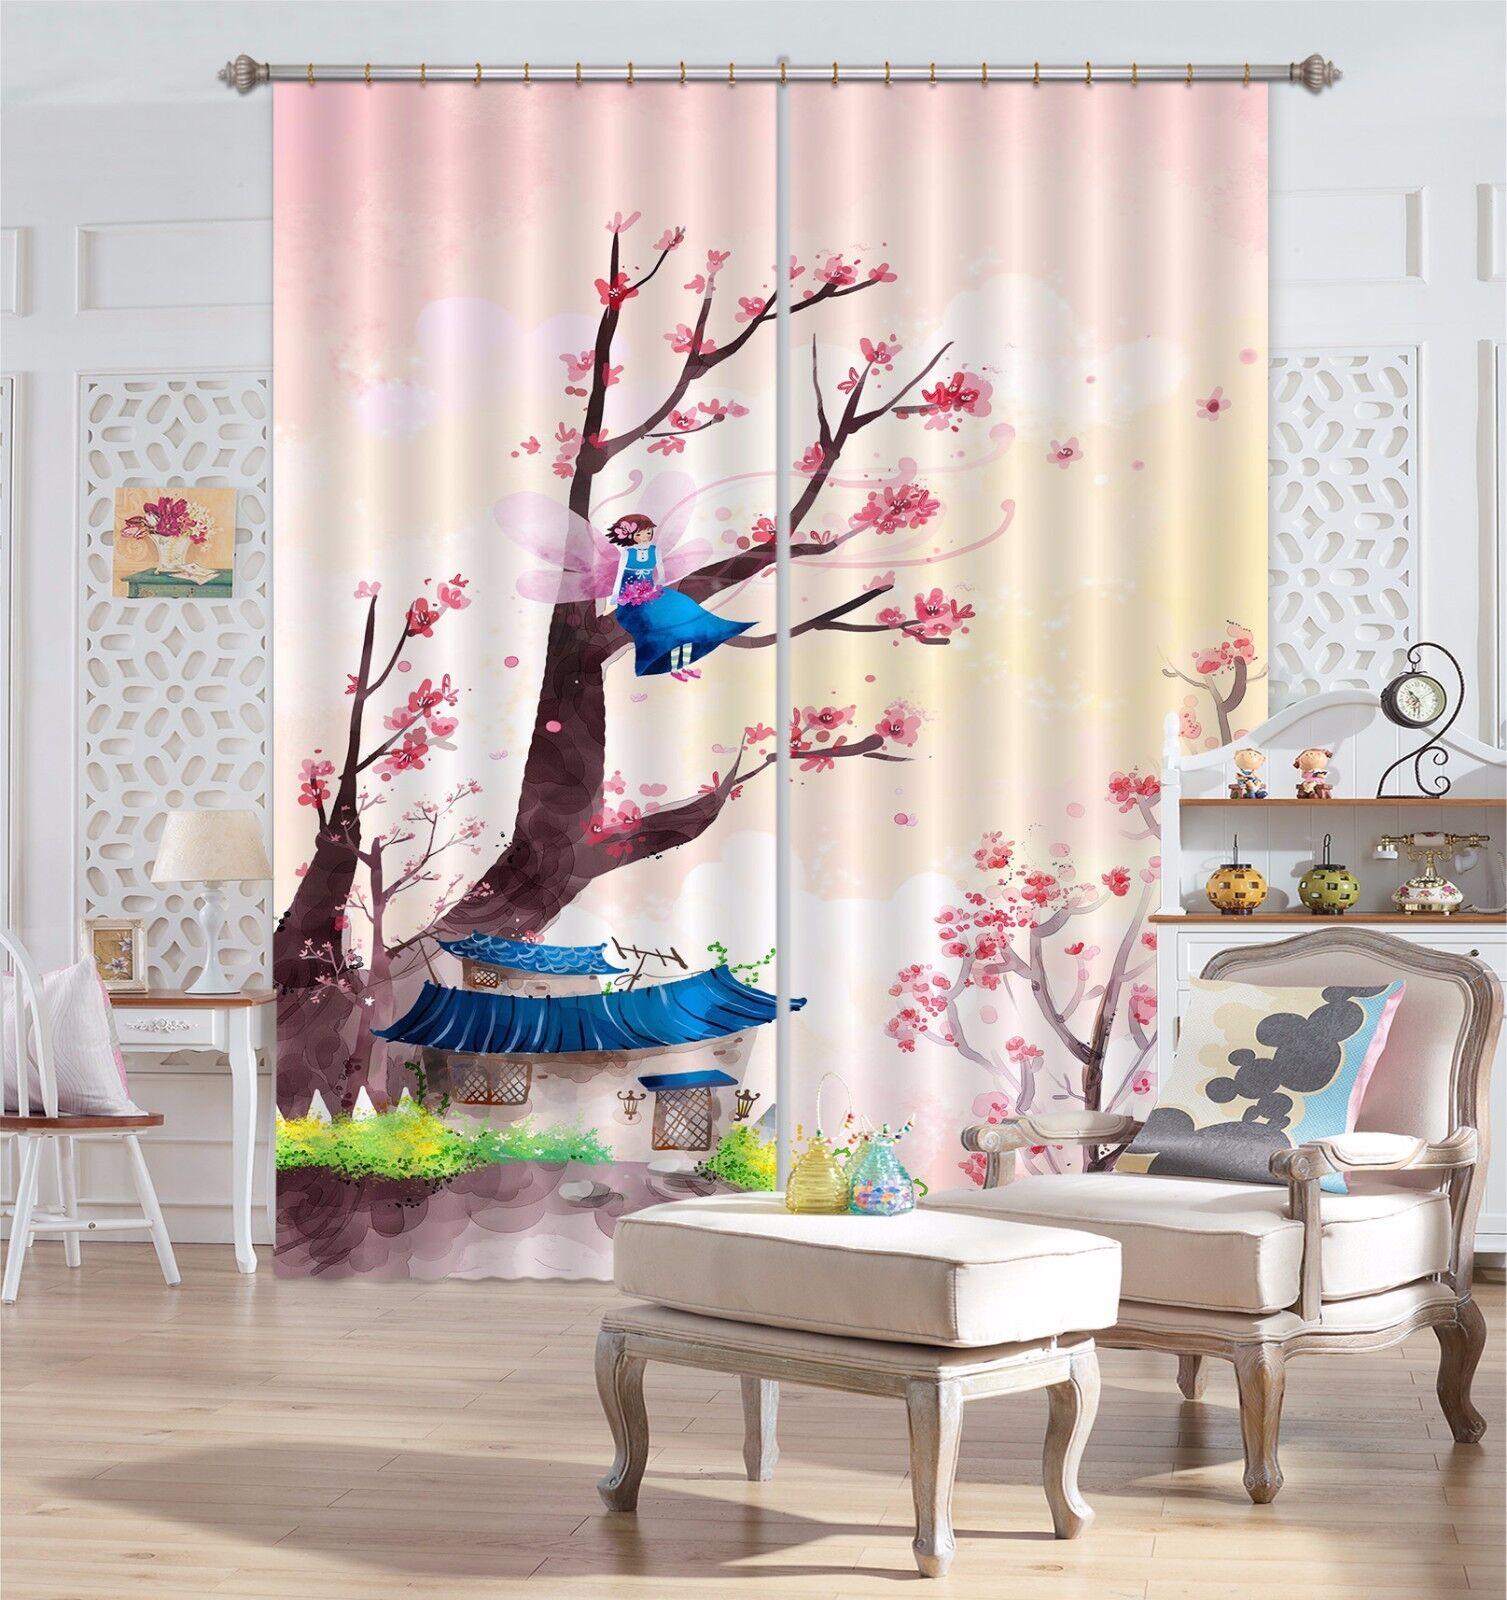 Árbol de dibujos animados 3D 41 Cortinas de impresión de cortina de foto Blockout Tela Cortinas Ventana Reino Unido